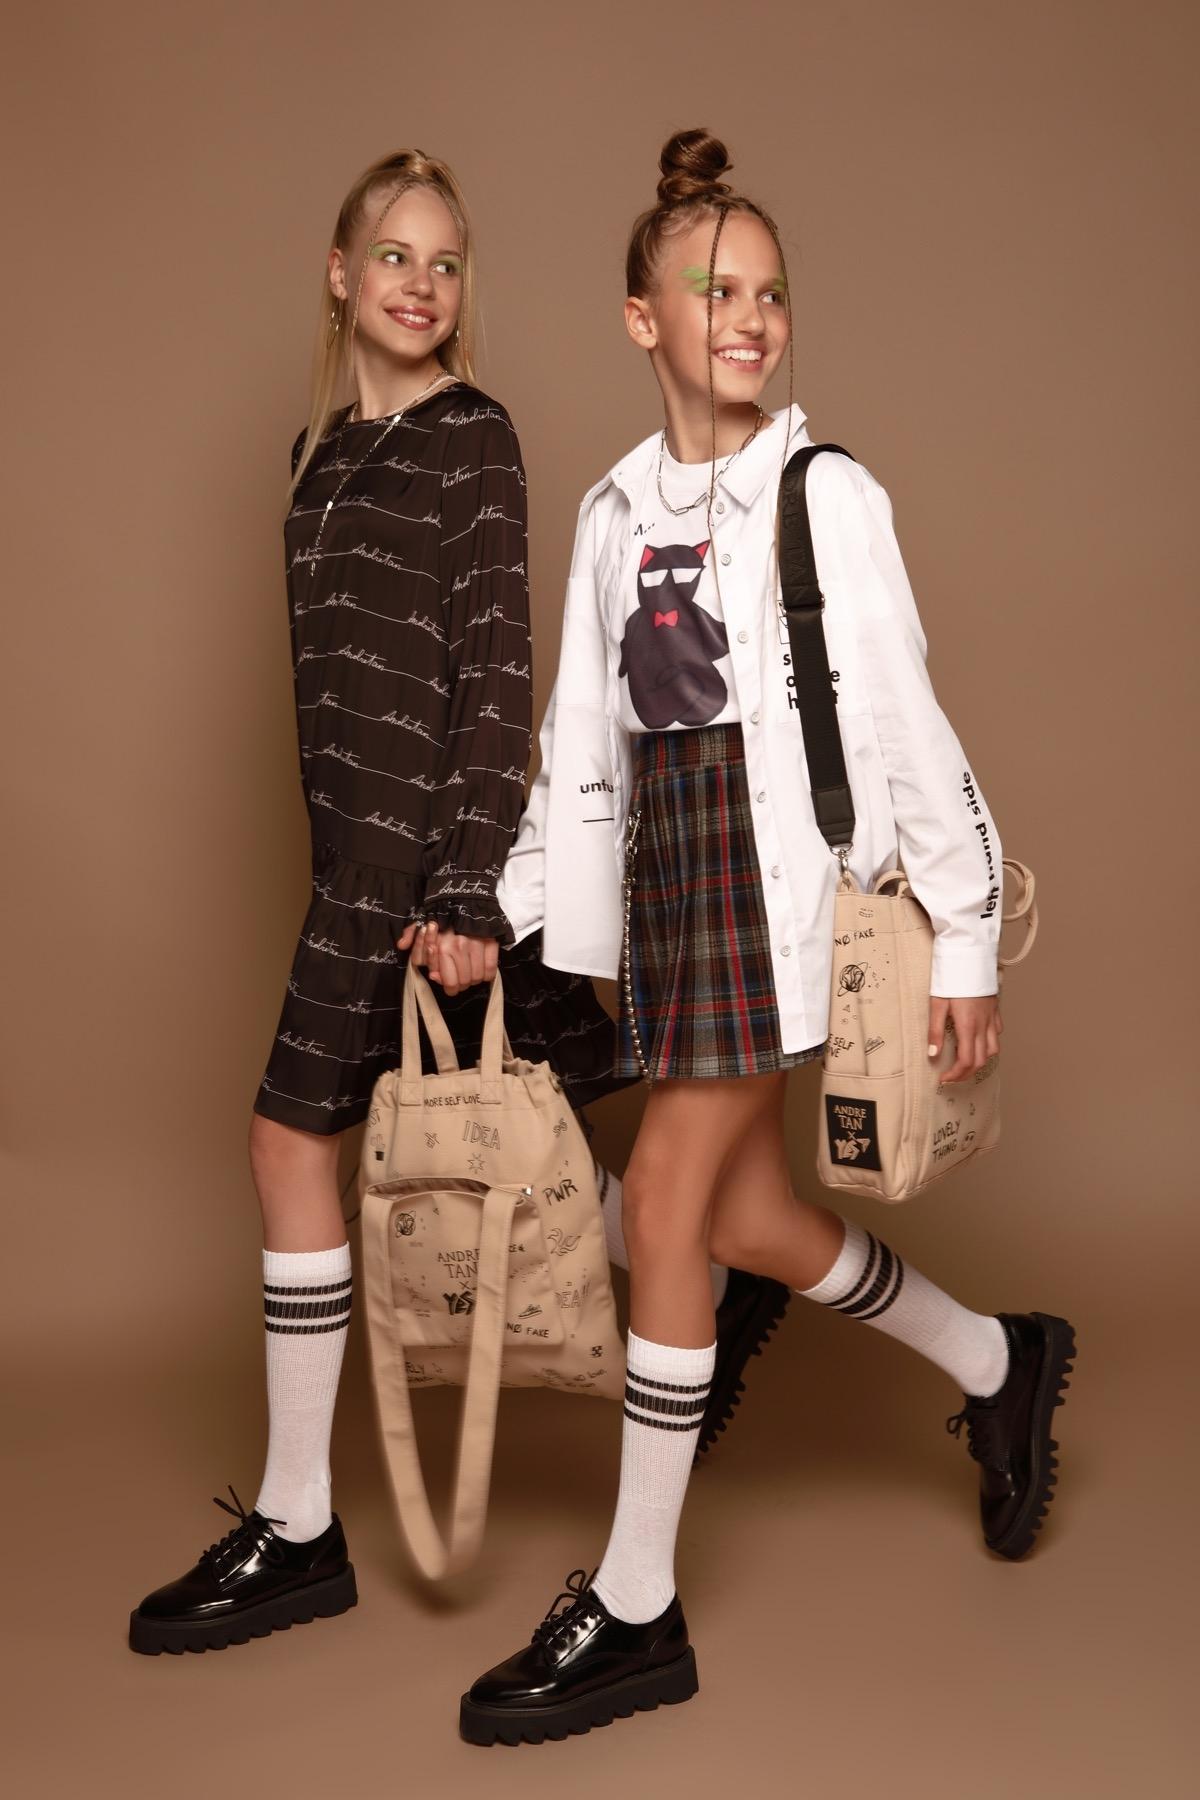 Школьная мода: Андре Тан представил новую коллекцию детской одежды (ФОТО) - фото №1